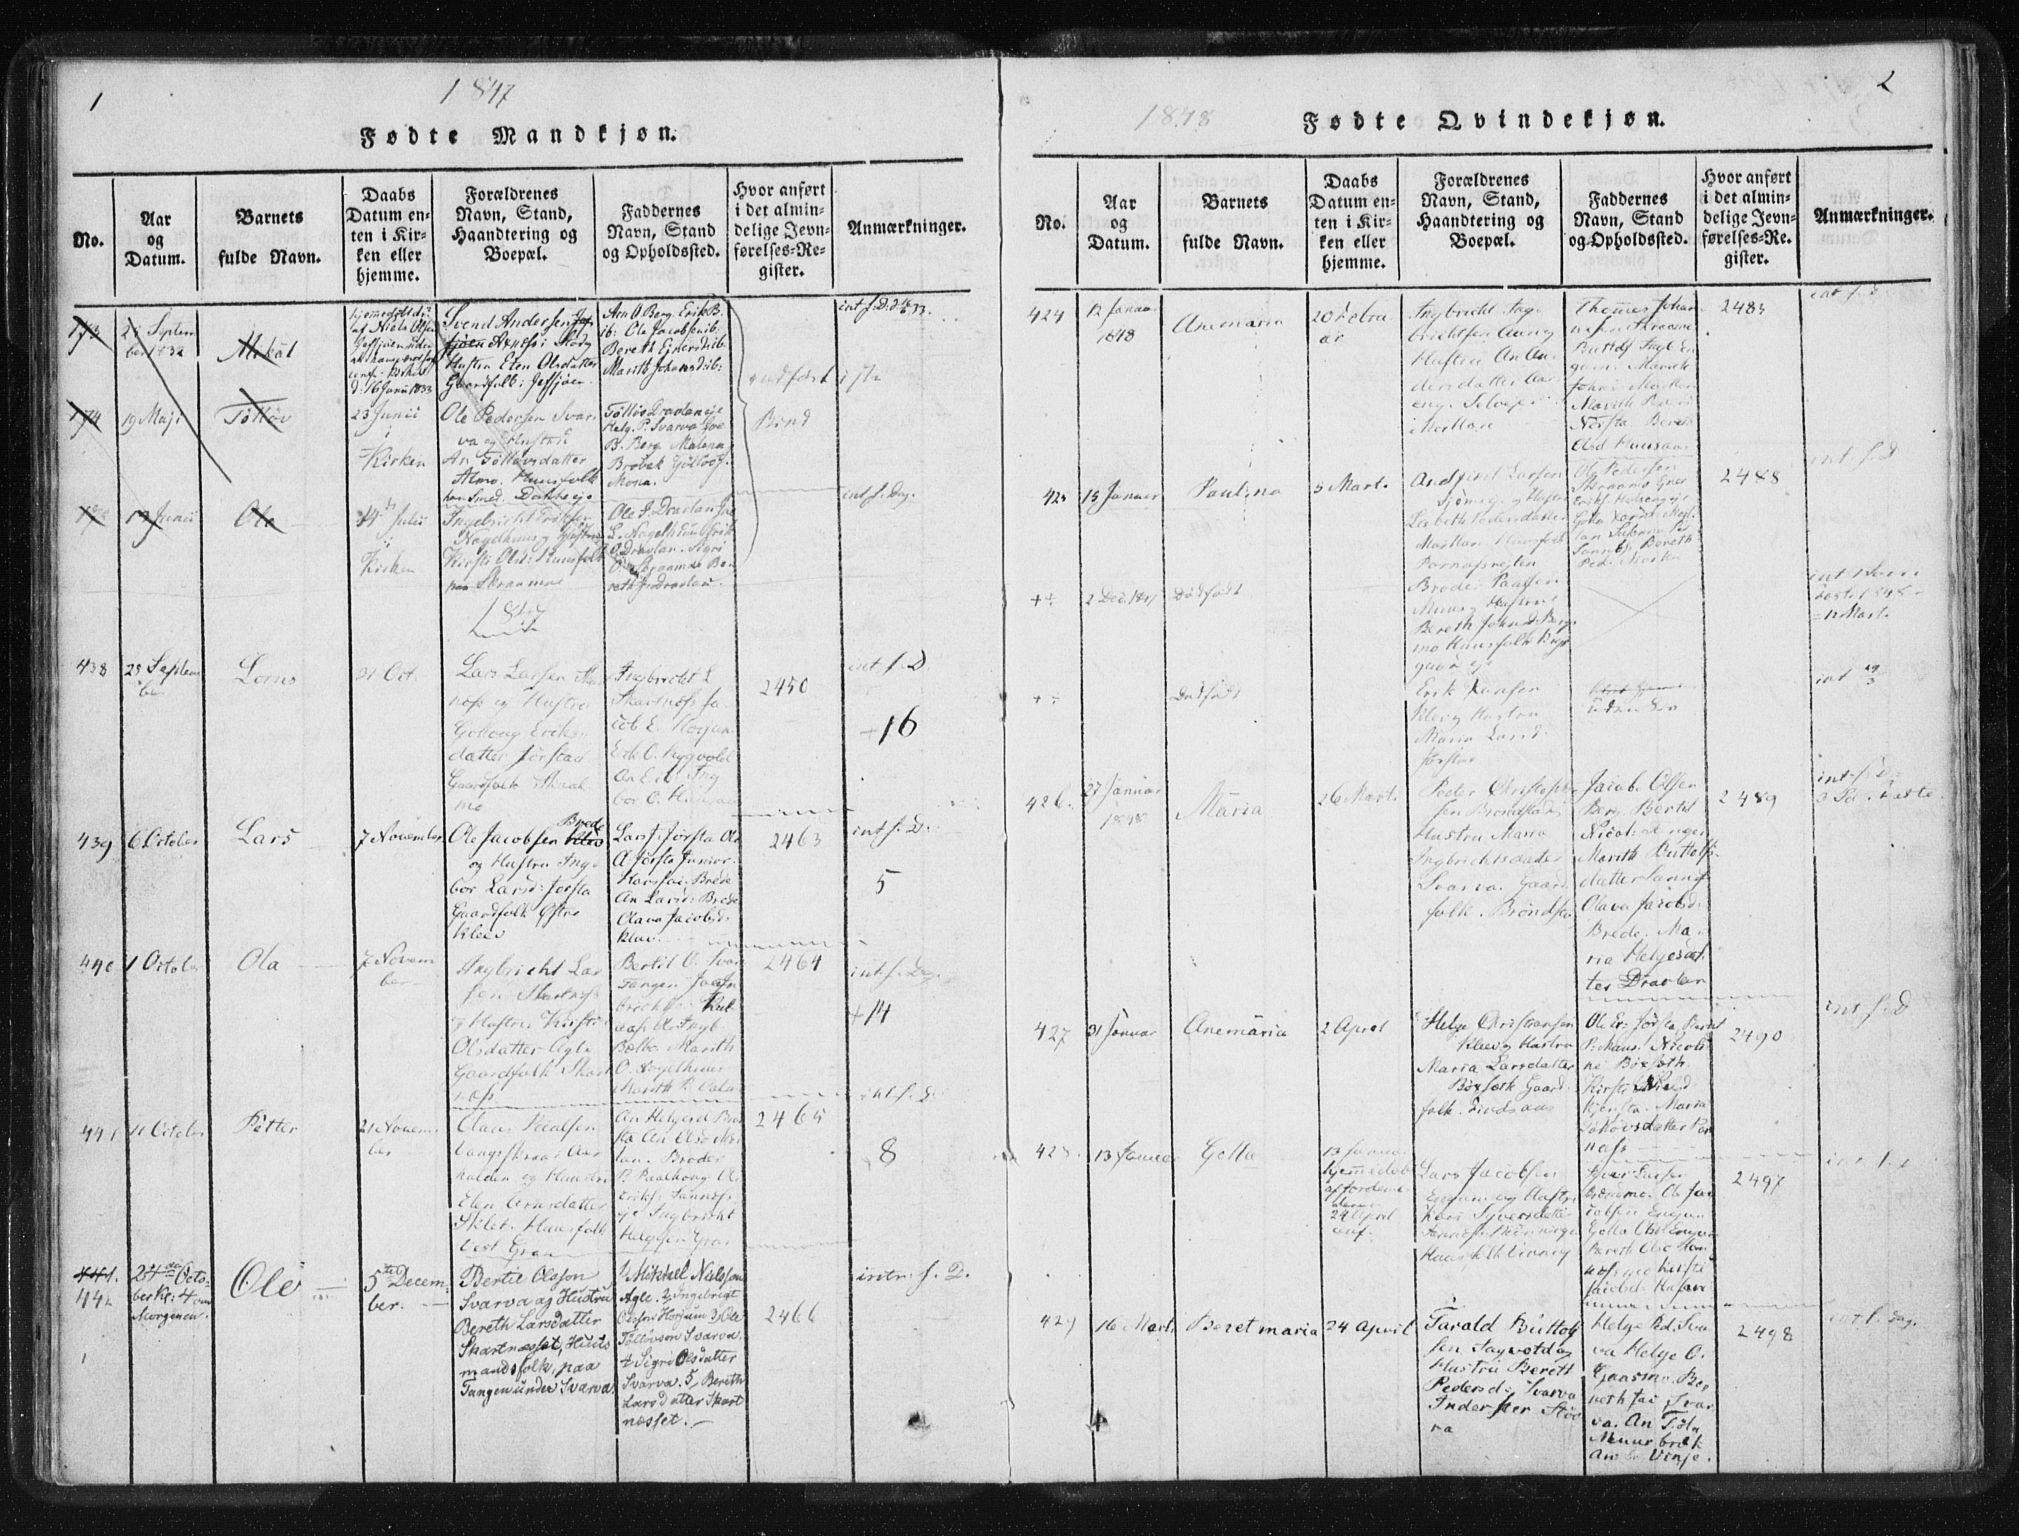 SAT, Ministerialprotokoller, klokkerbøker og fødselsregistre - Nord-Trøndelag, 749/L0471: Ministerialbok nr. 749A05, 1847-1856, s. 1-2